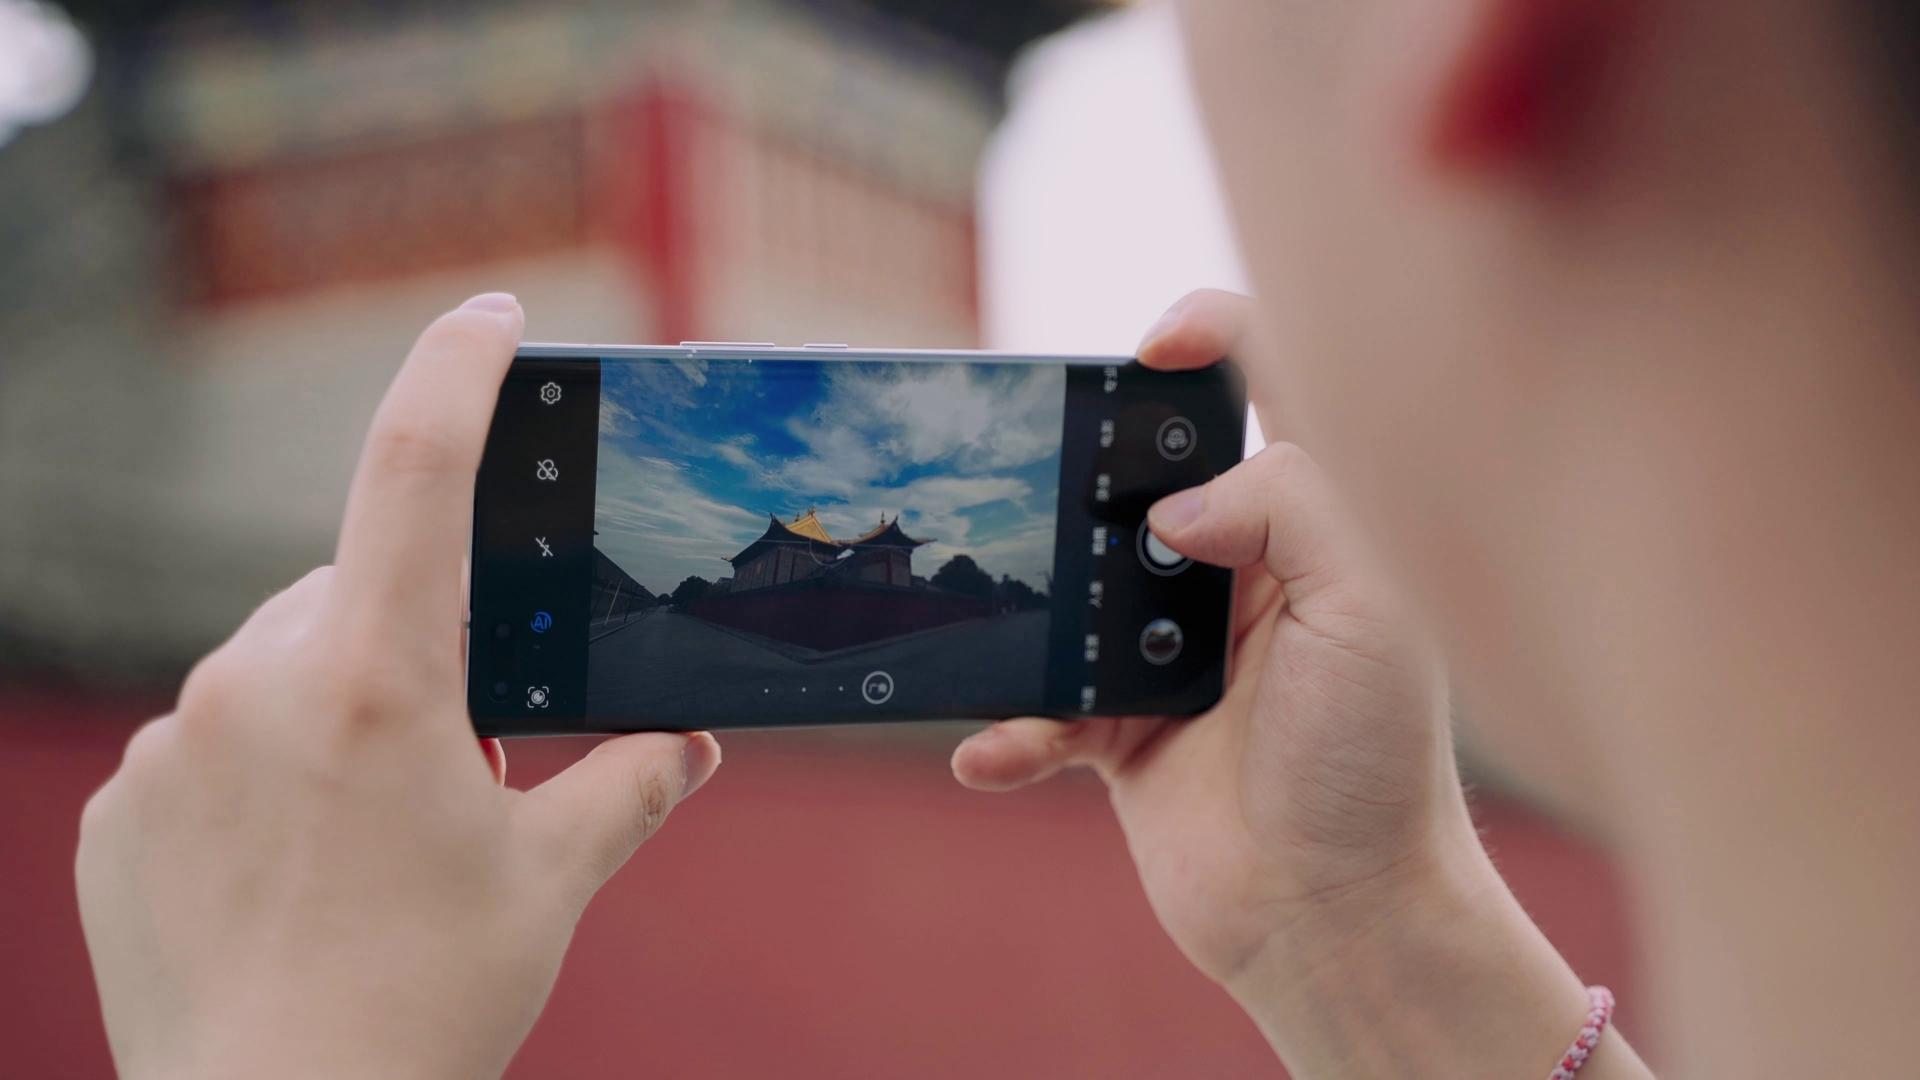 【驱动中国】荣耀Magic3系列多主摄融合技术提升有多大?实际拍摄样张对比